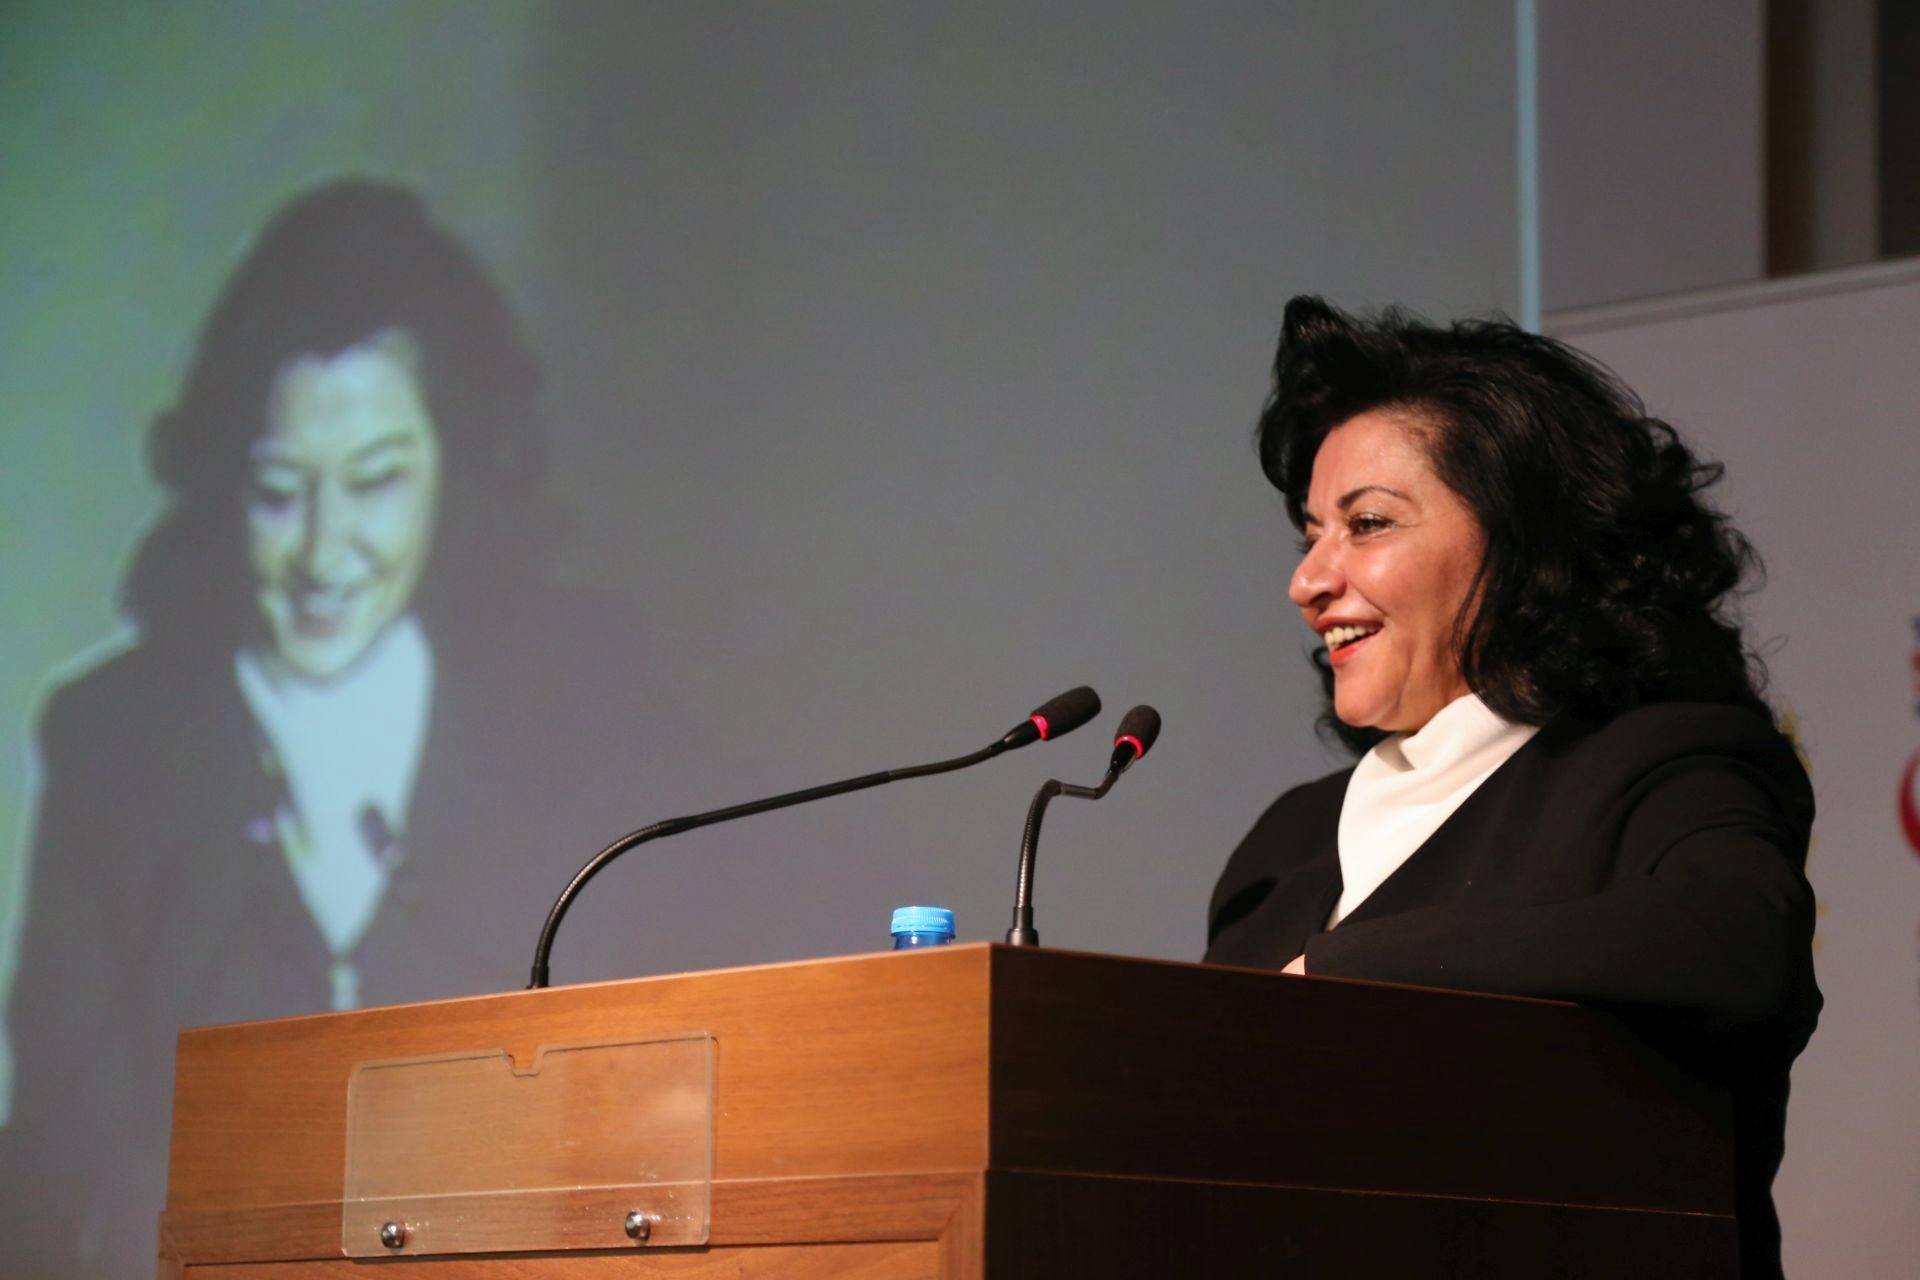 Türkiyedeki ilk kadın girişimci oldular